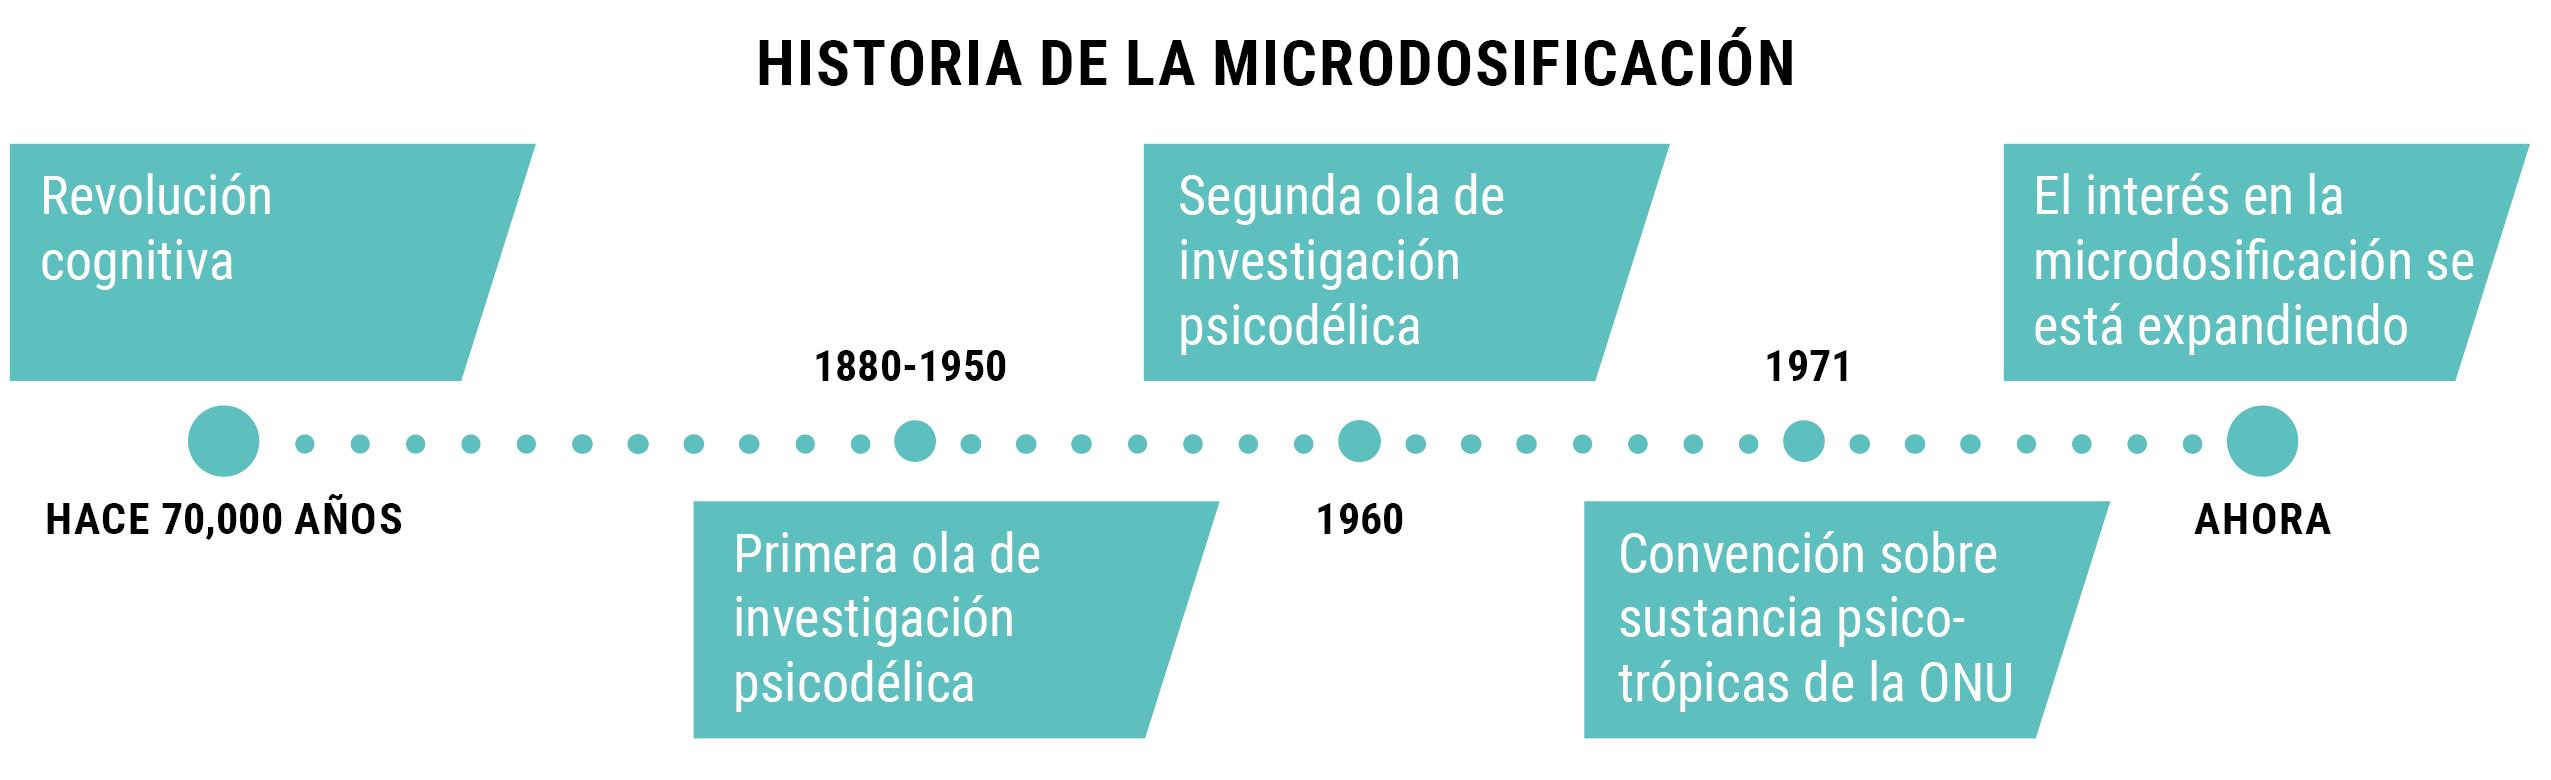 HISTORIA DE LA MICRODOSIFICACIÓN